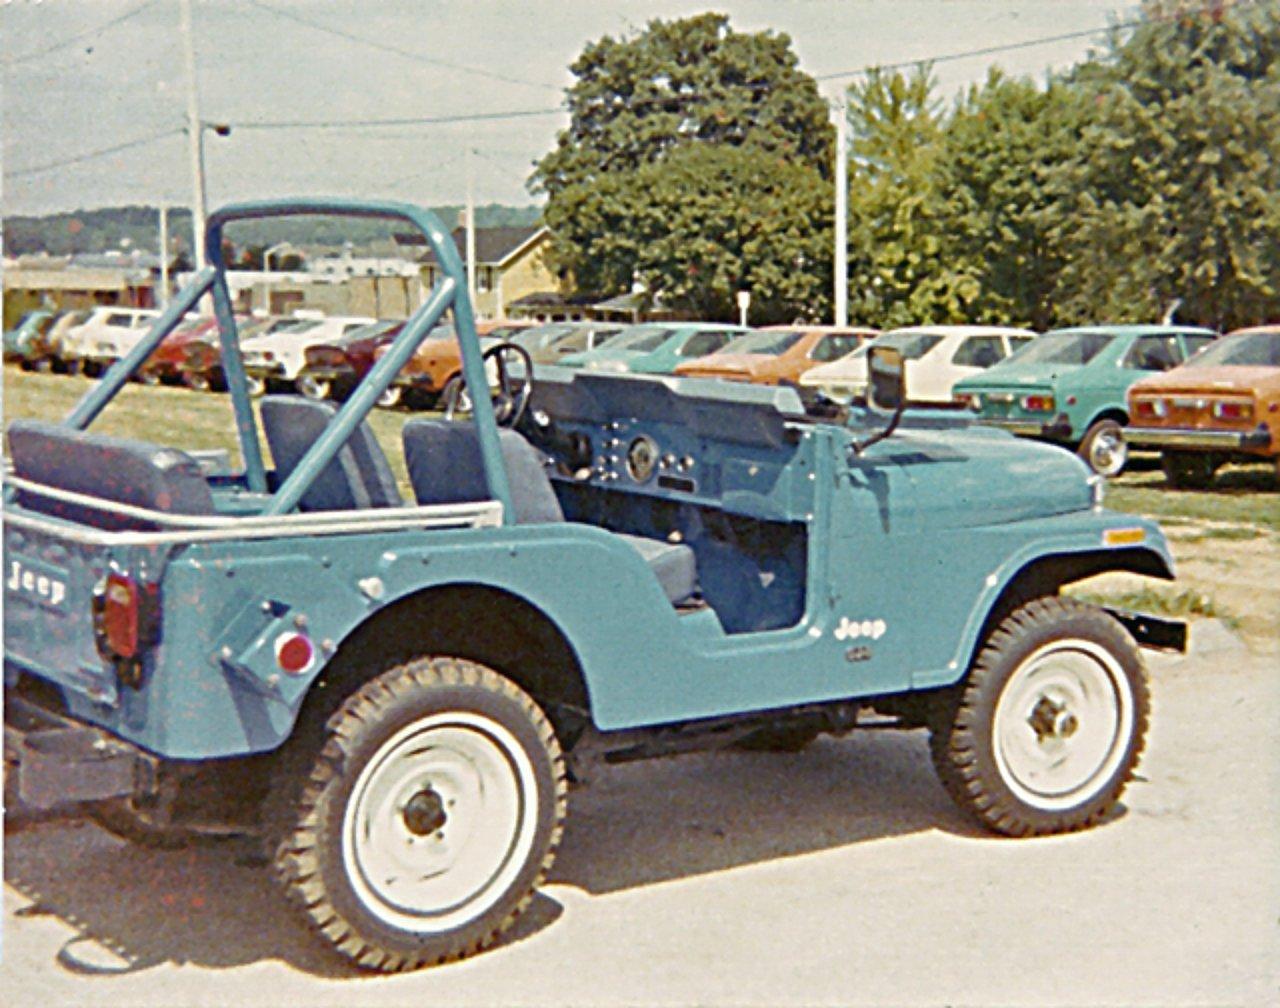 New 1975 Jeep Cj 5 Sitting On Jeep Dealer Lot Jeepfan Com